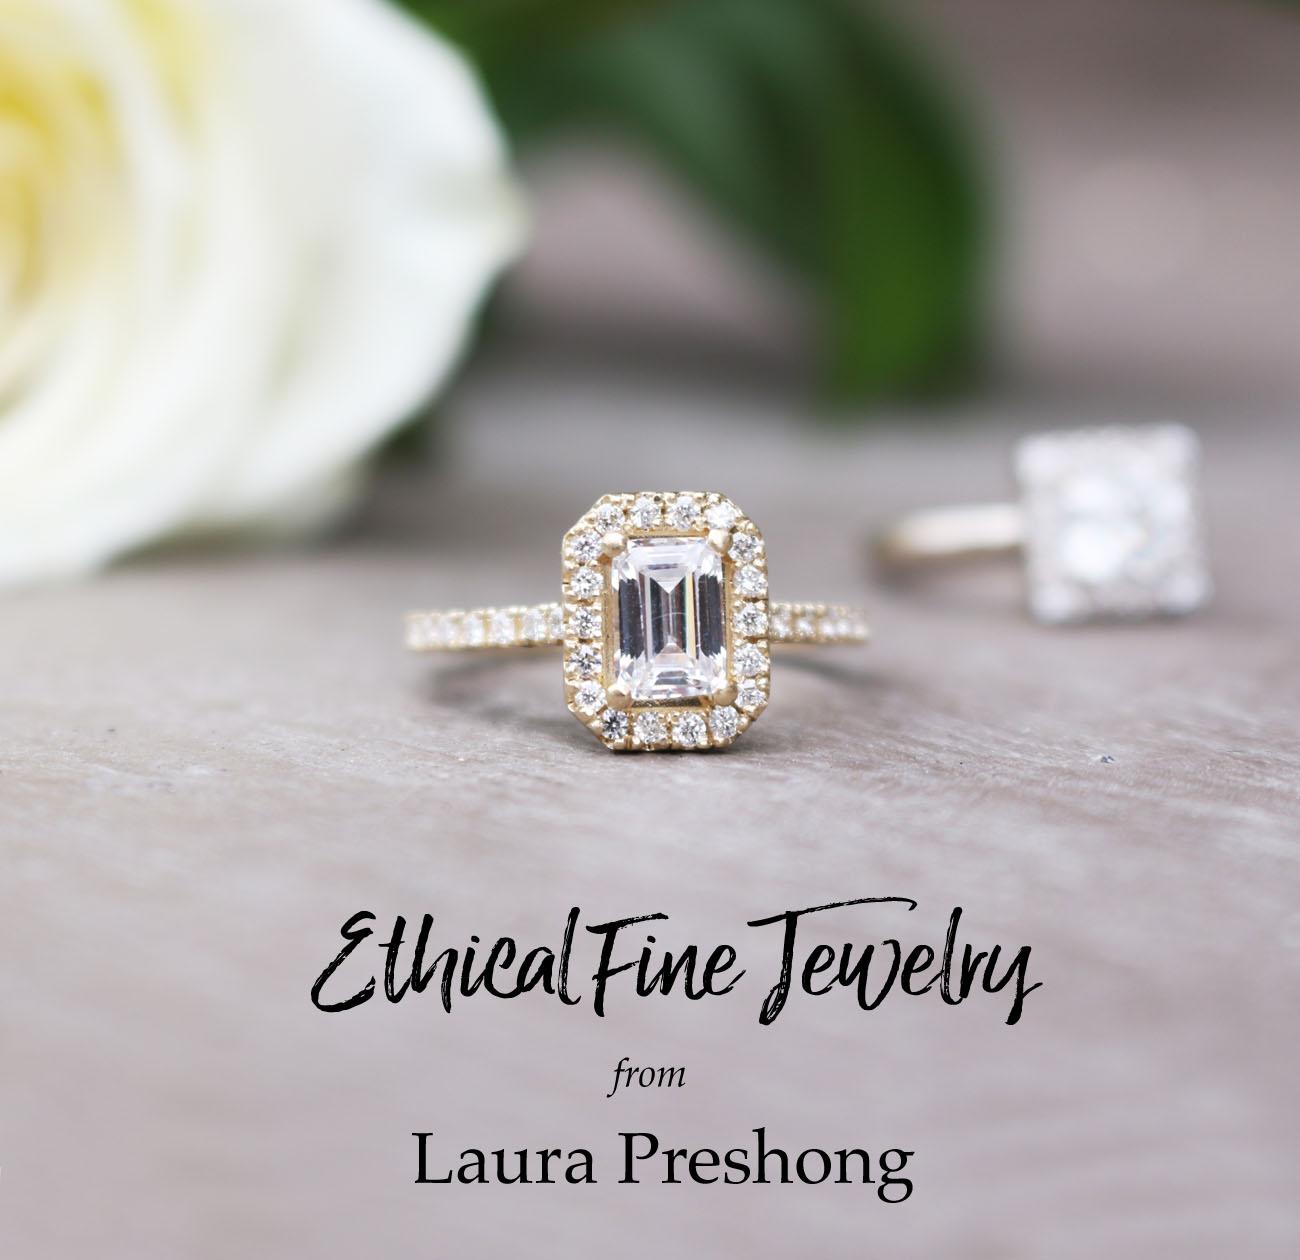 Laura Preshong Jewelry